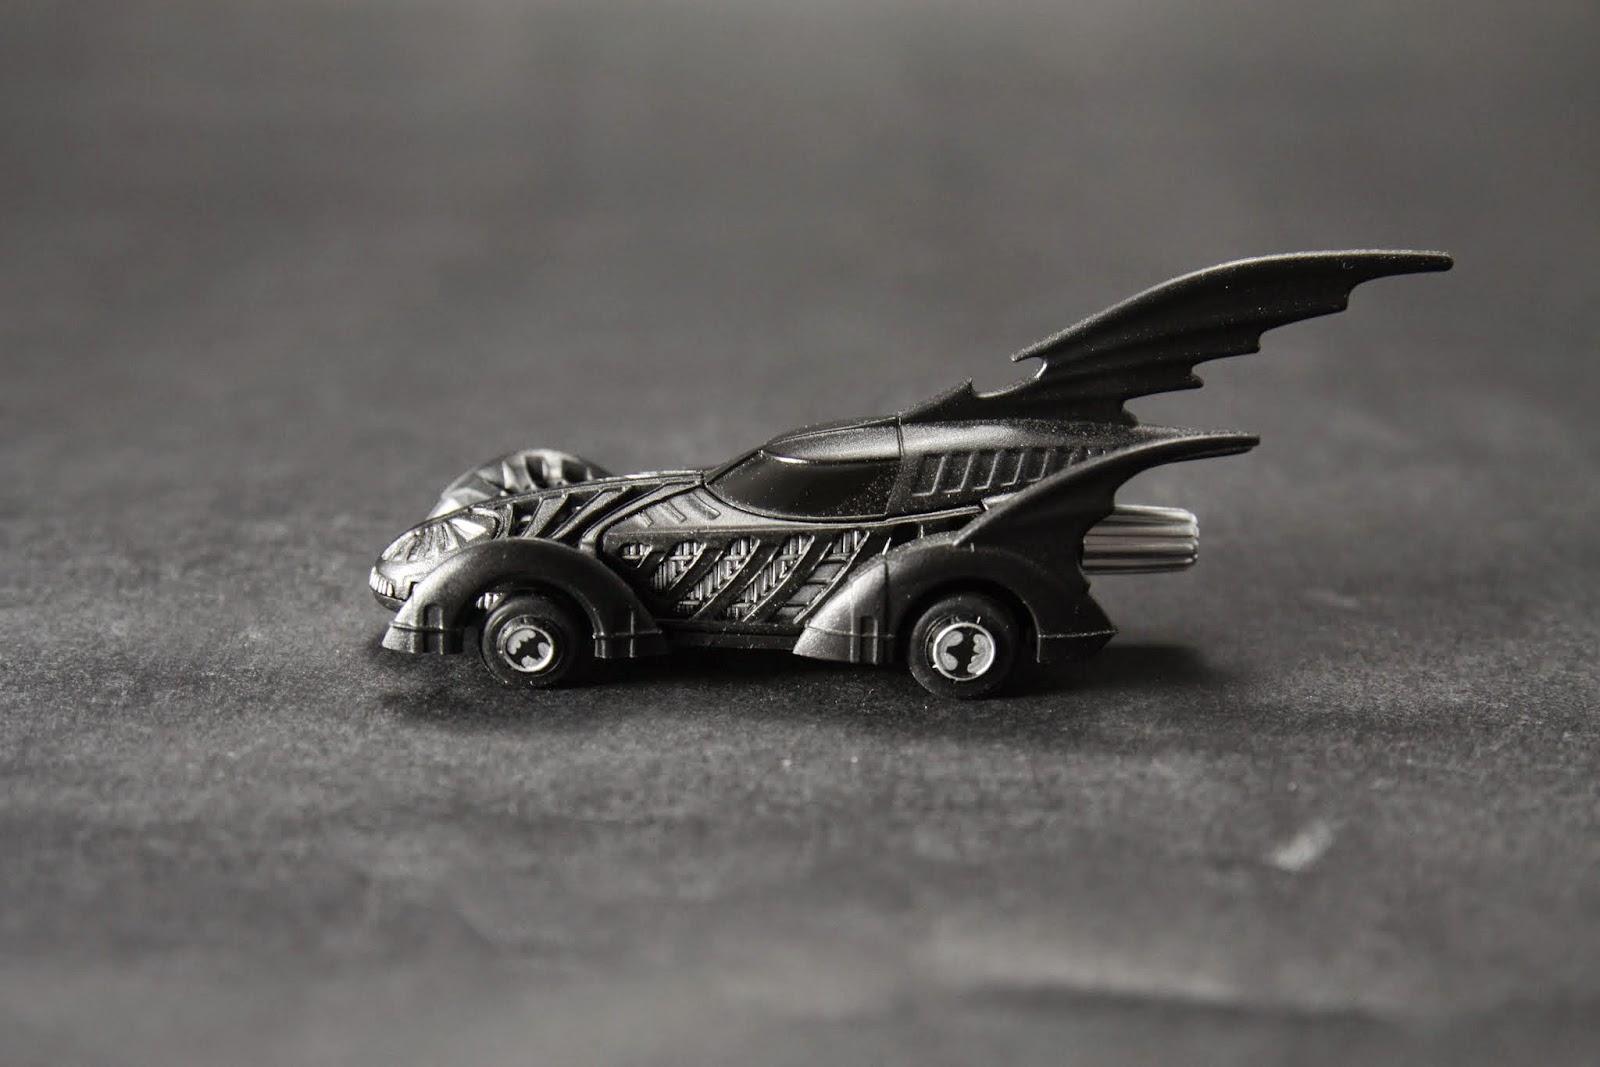 有漫畫版的影子 尾翼感覺好像可以打開有加速器這樣